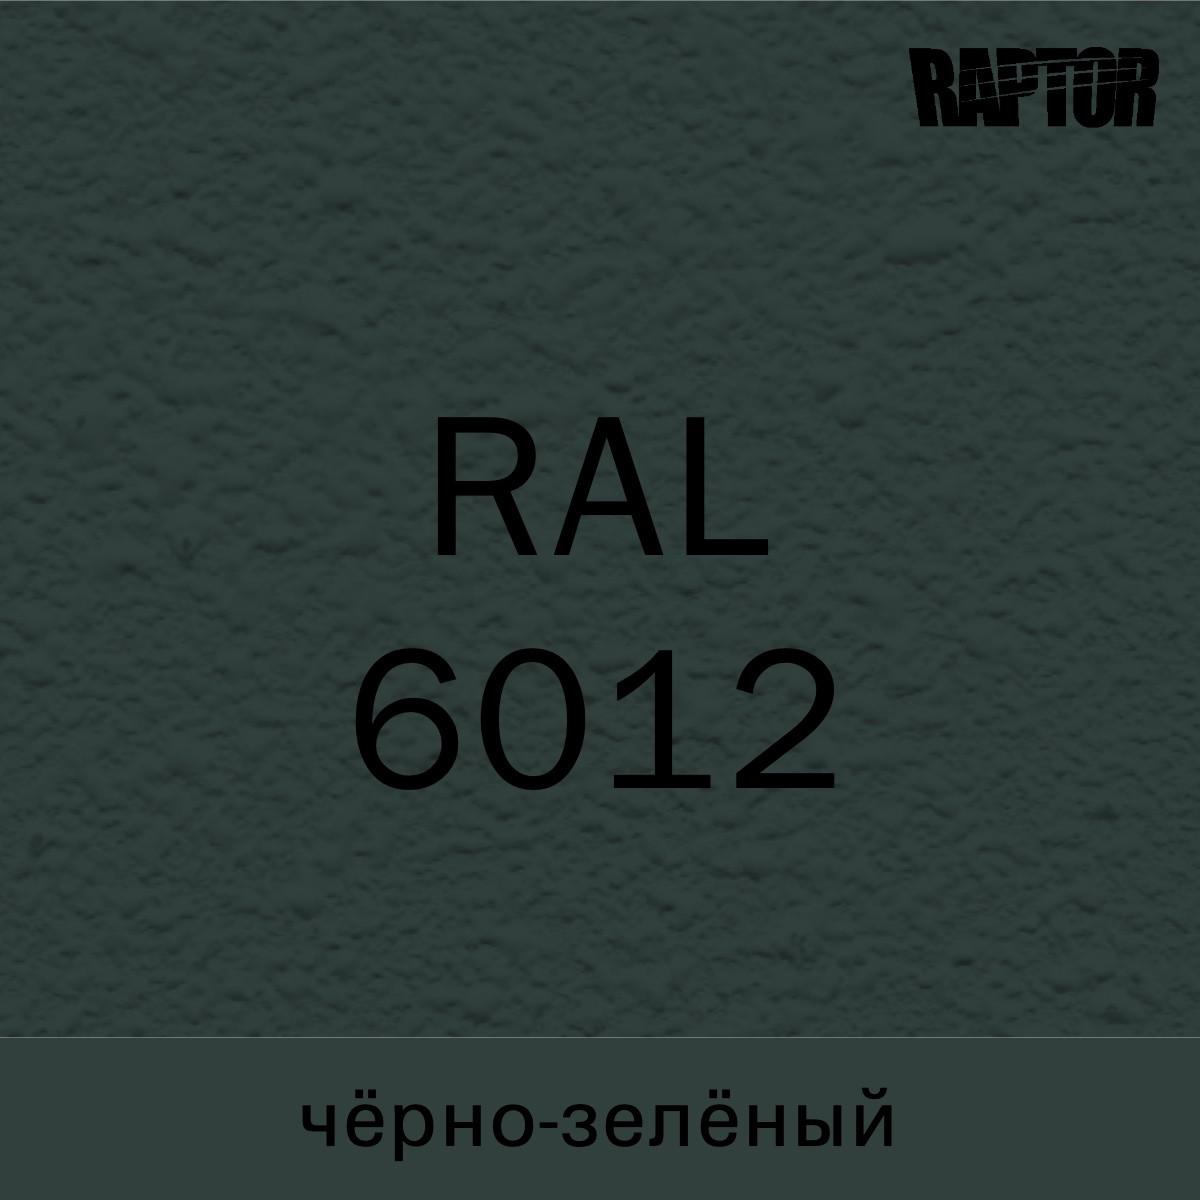 Пигмент для колеровки покрытия RAPTOR™ Чёрно-зелёный (RAL 6012)